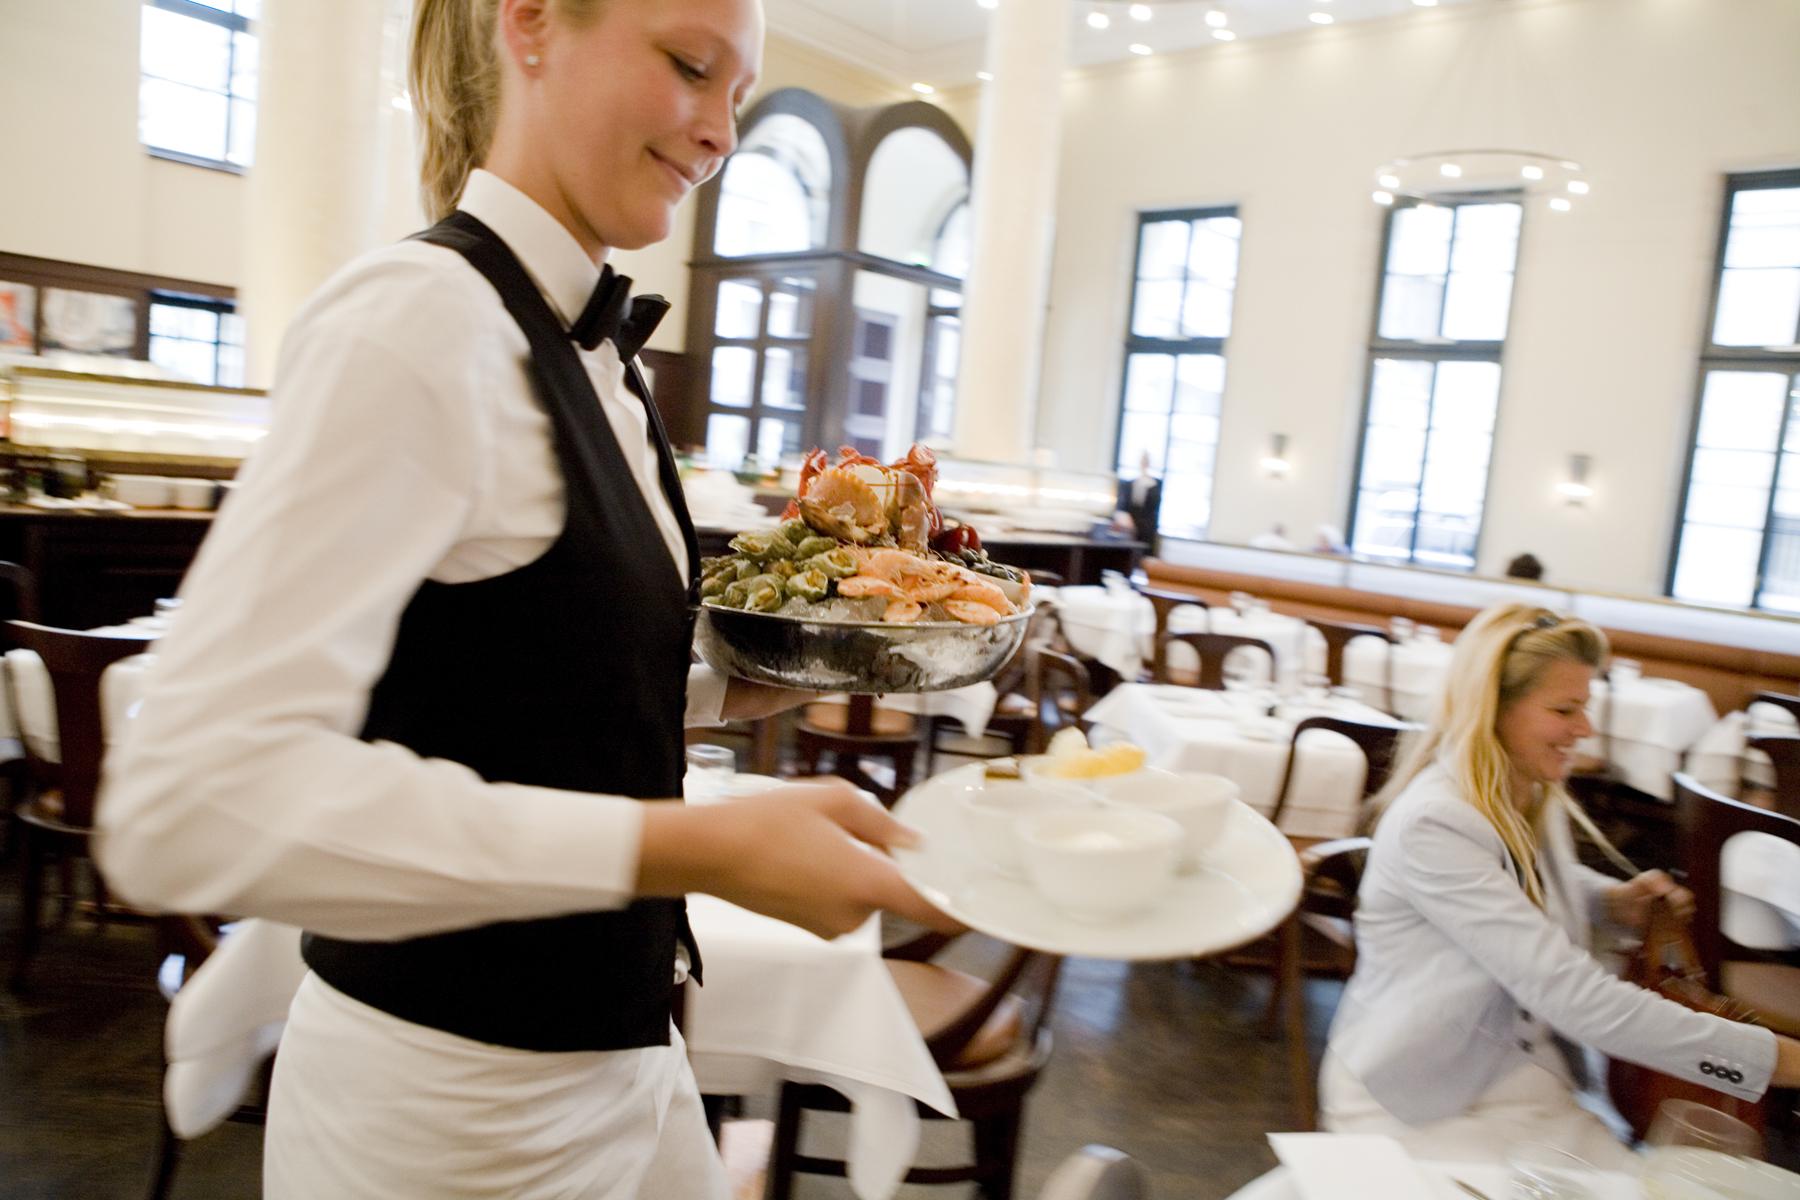 Kellnerin serviert die Meeresfruechteplatte